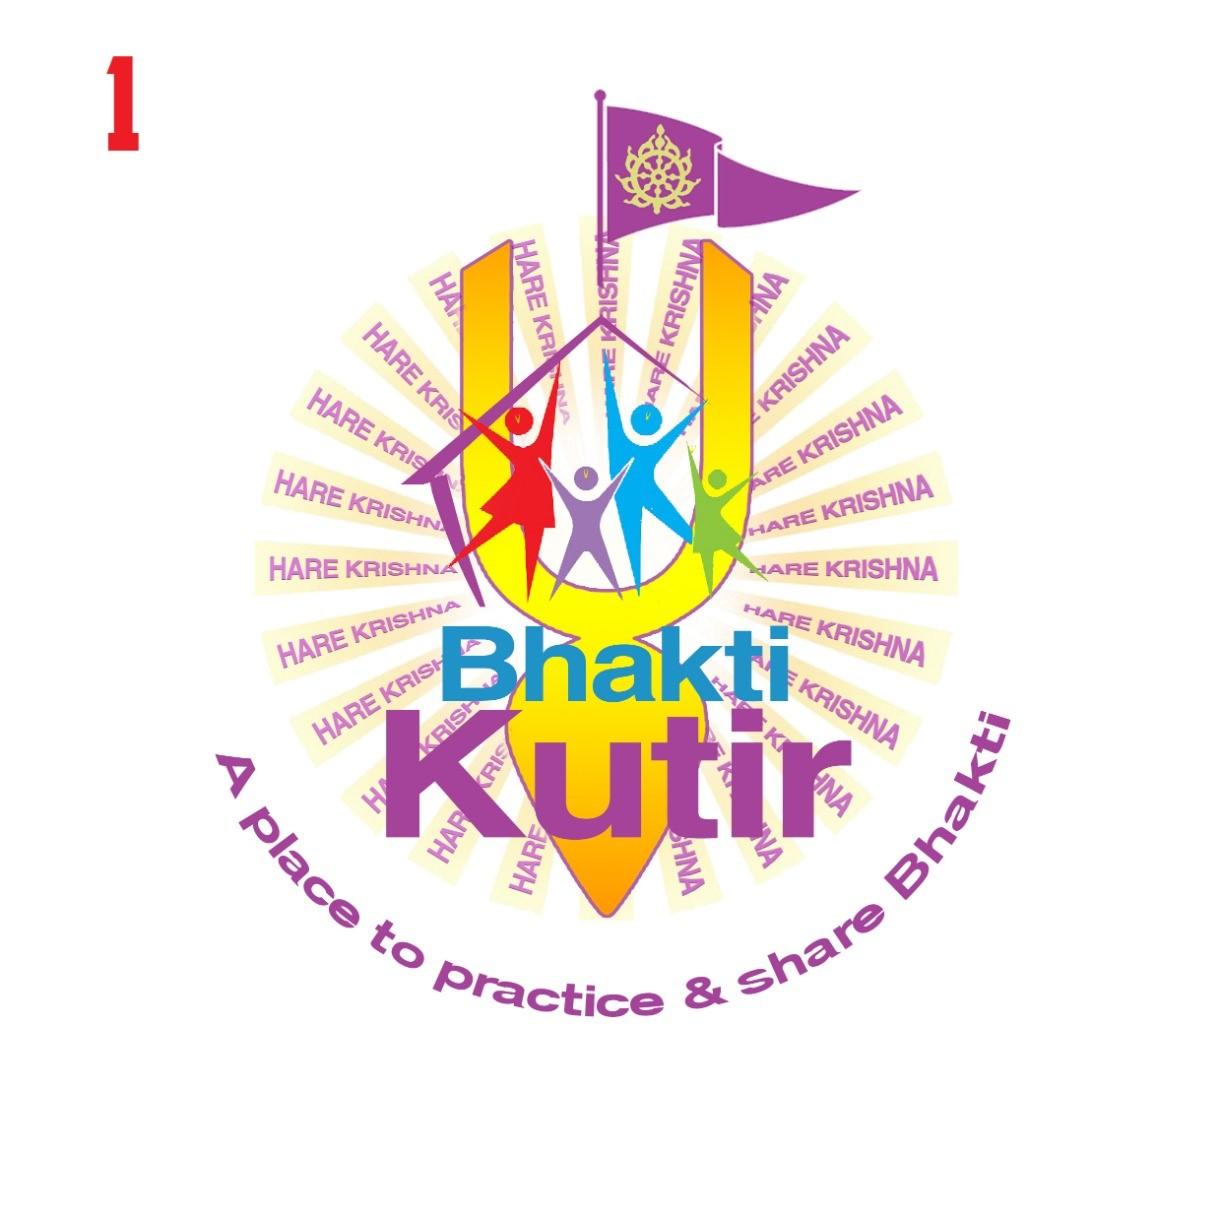 Bhakti Kutir - Image 1